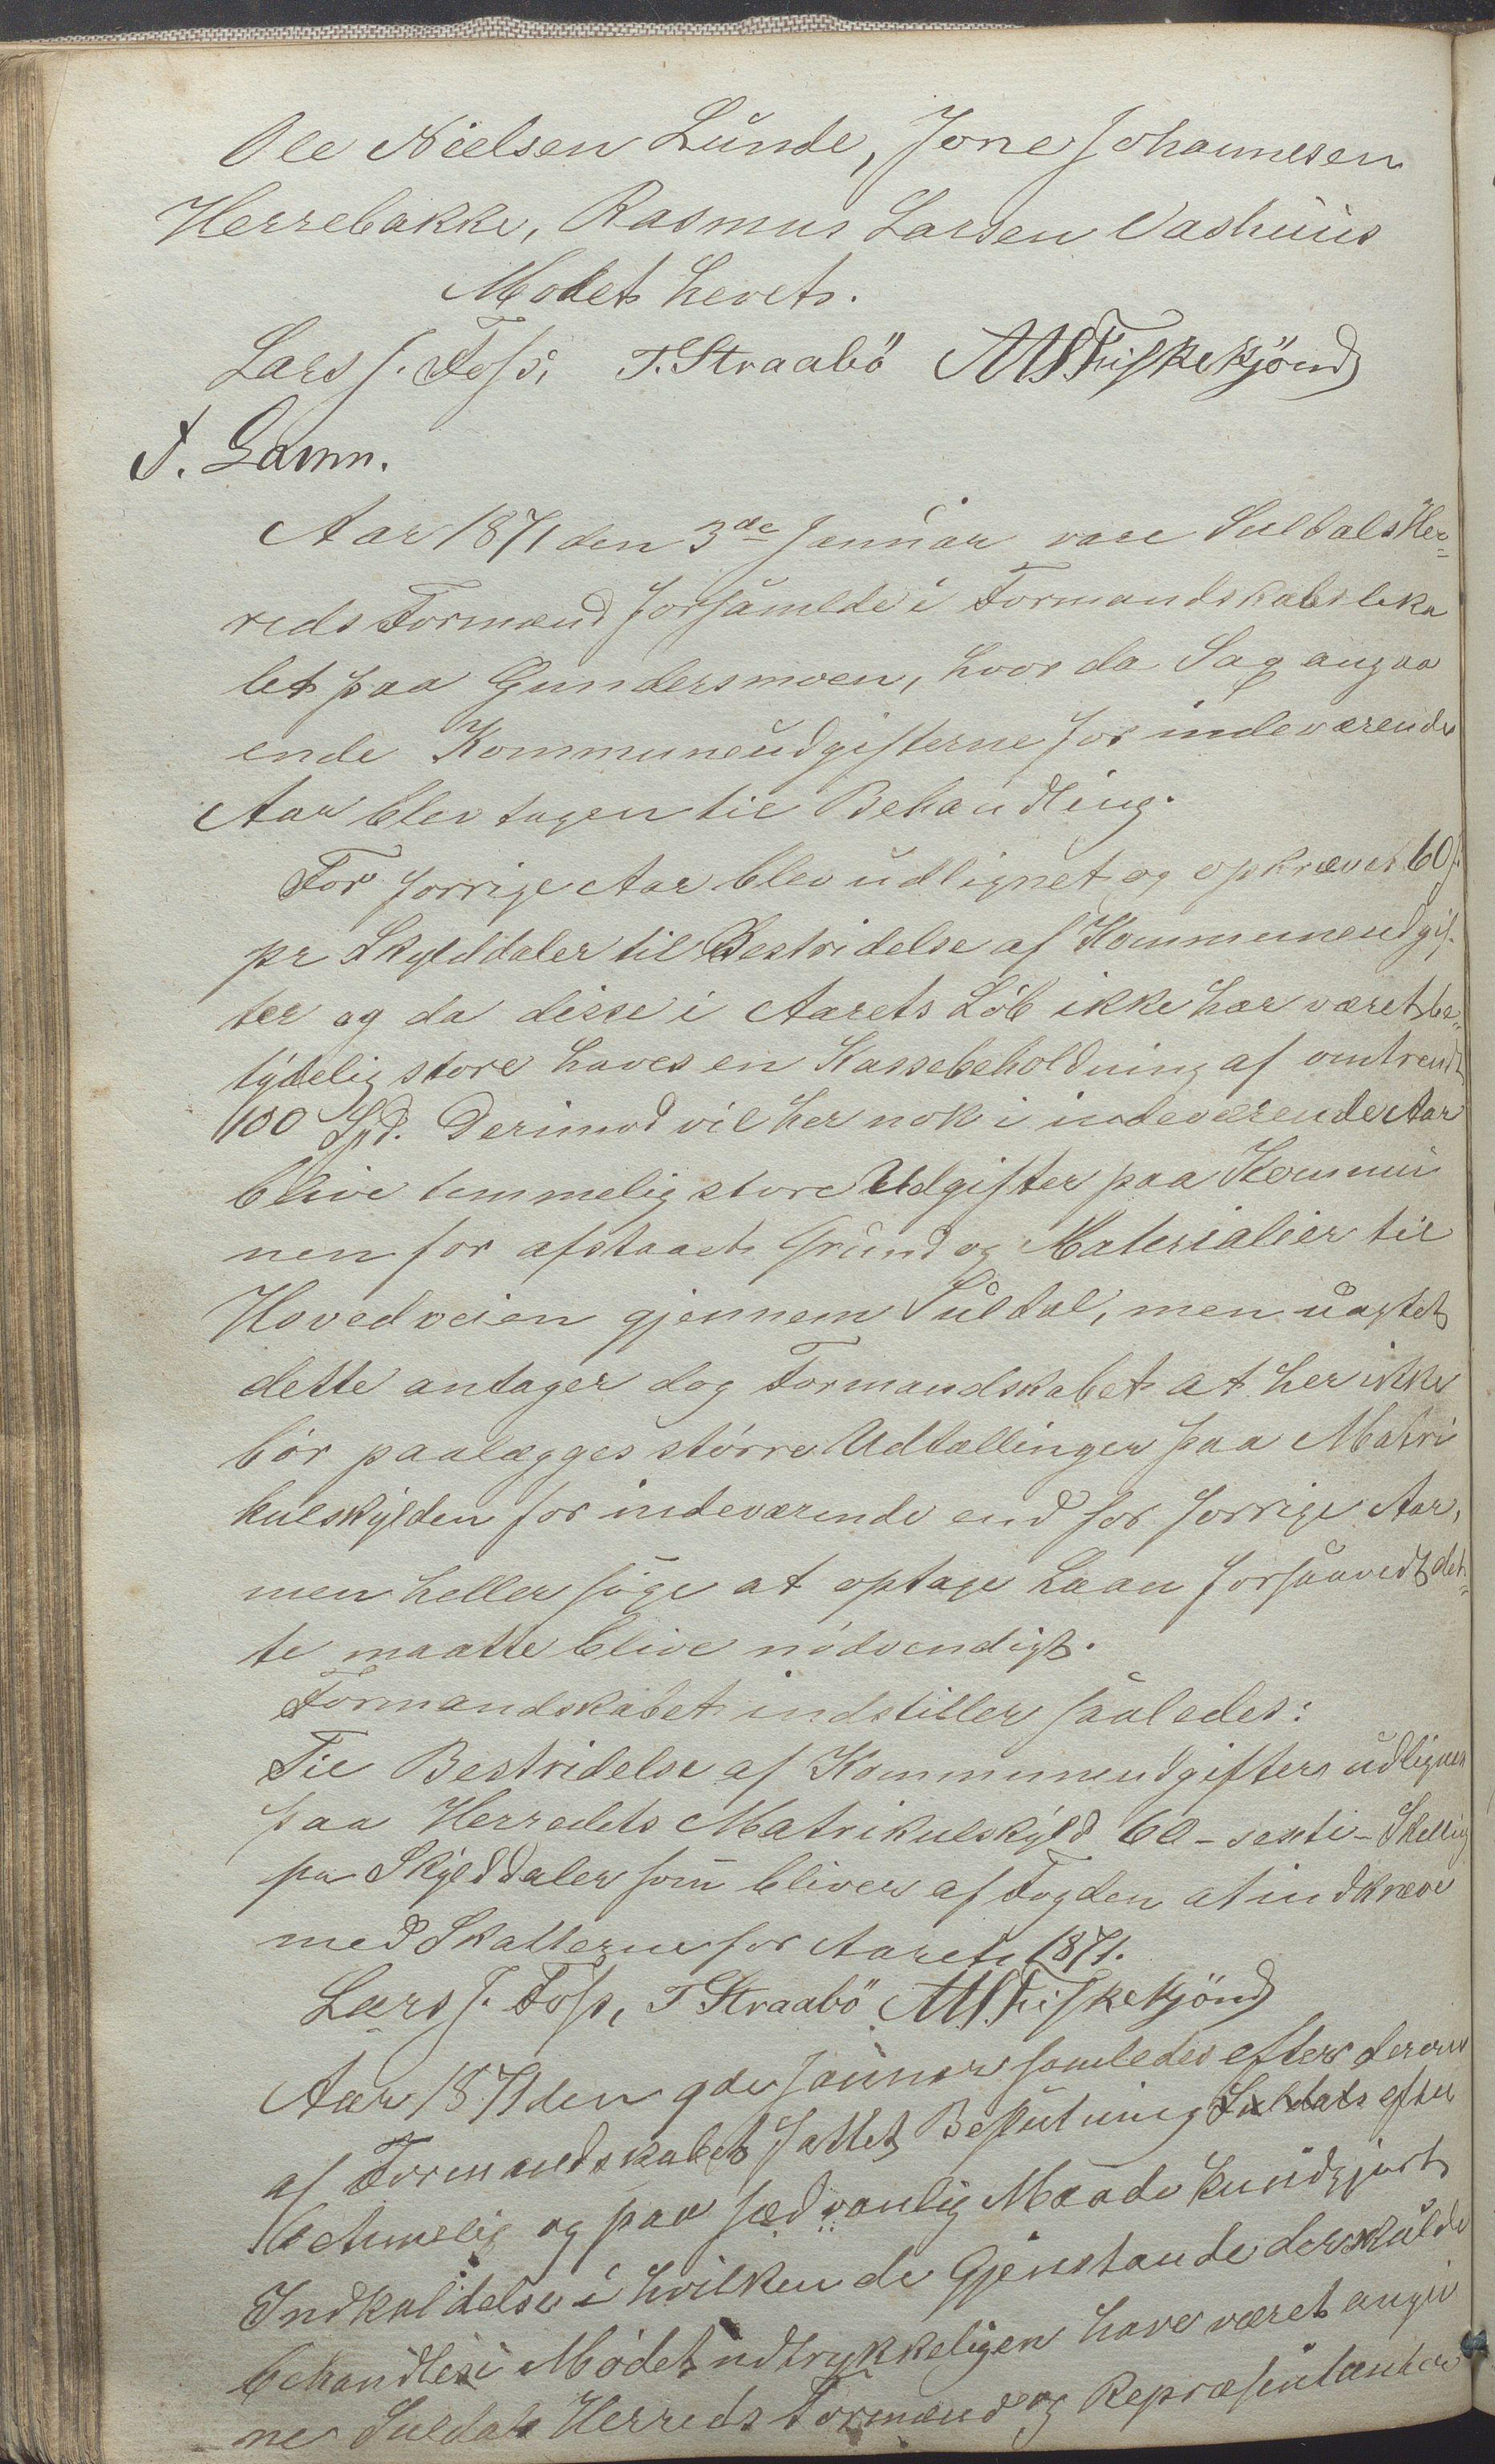 IKAR, Suldal kommune - Formannskapet/Rådmannen, A/Aa/L0001: Møtebok, 1837-1876, s. 184b